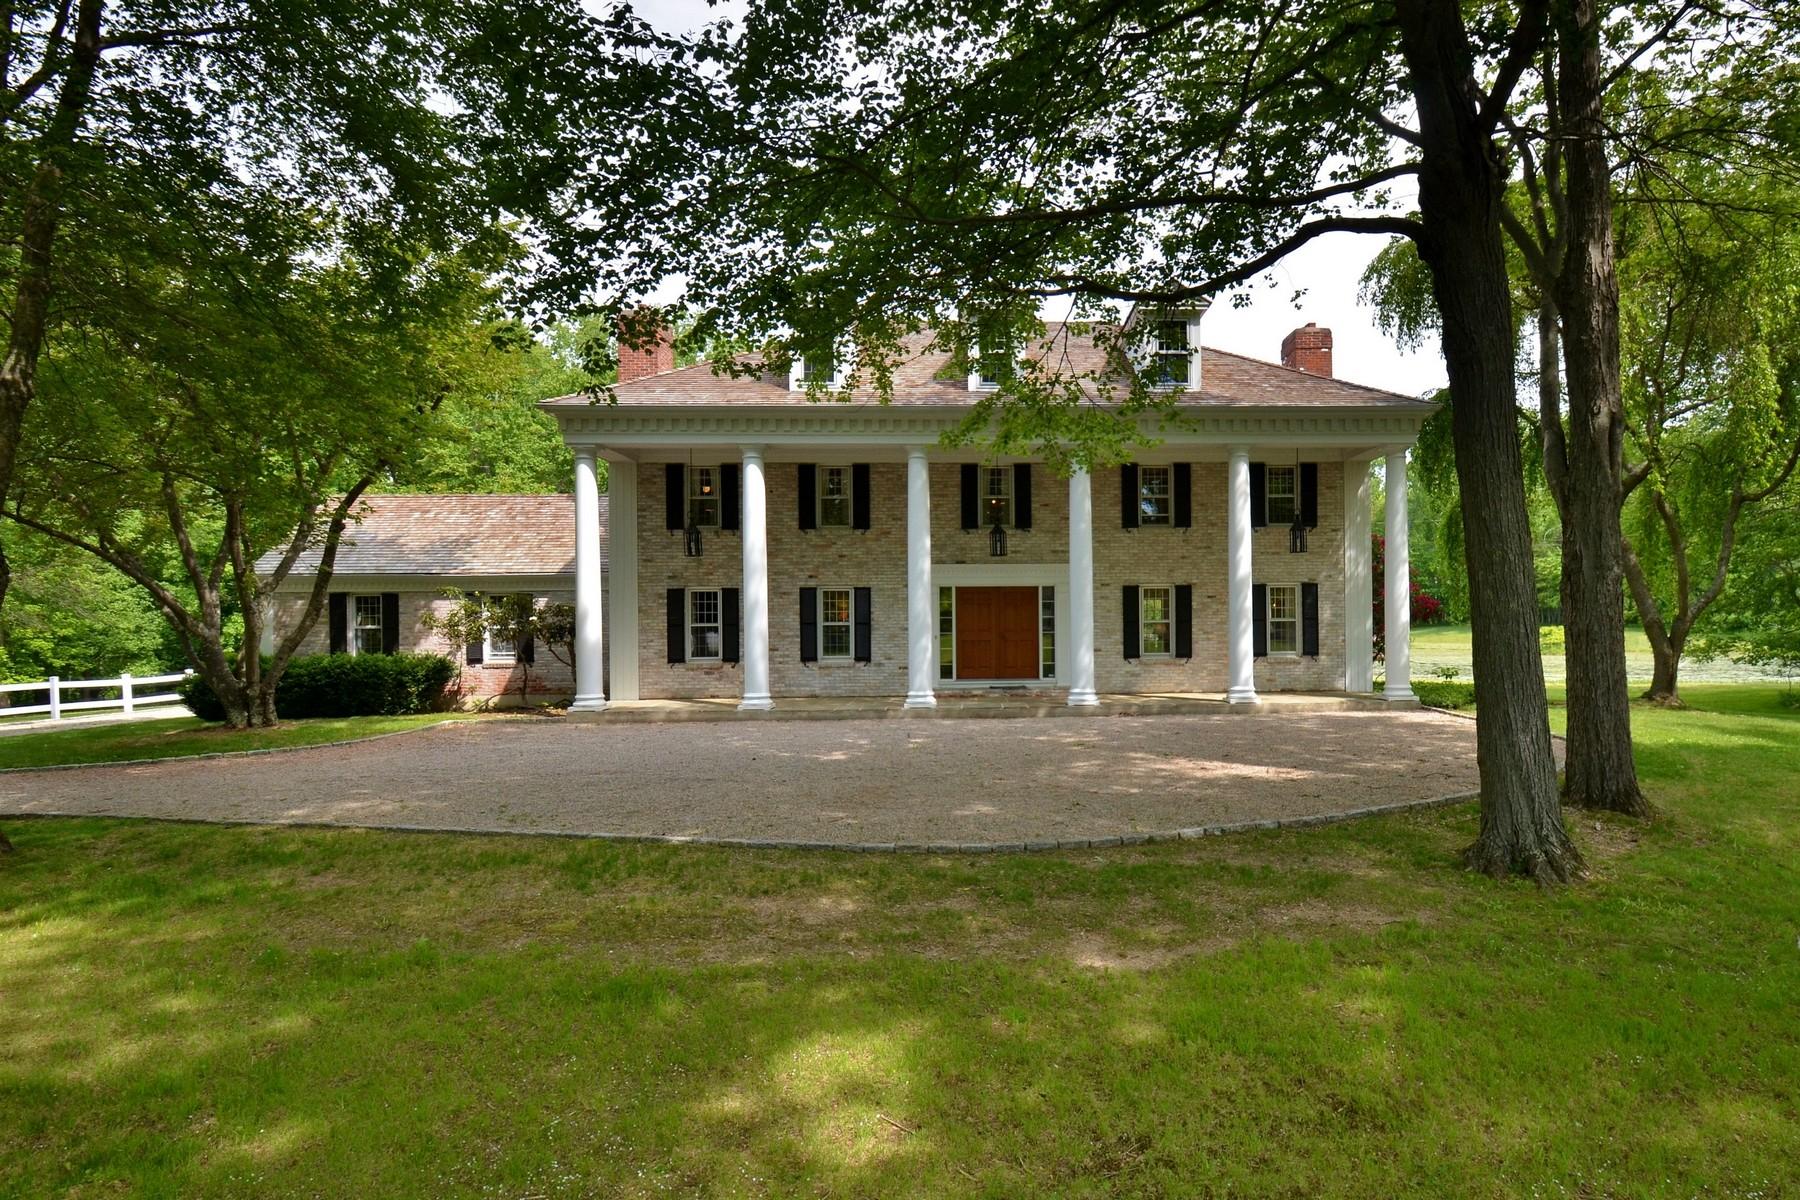 独户住宅 为 销售 在 Majestic 13 Acre Estate 65 Clark Hill Rd East Haddam, 康涅狄格州 06423 美国